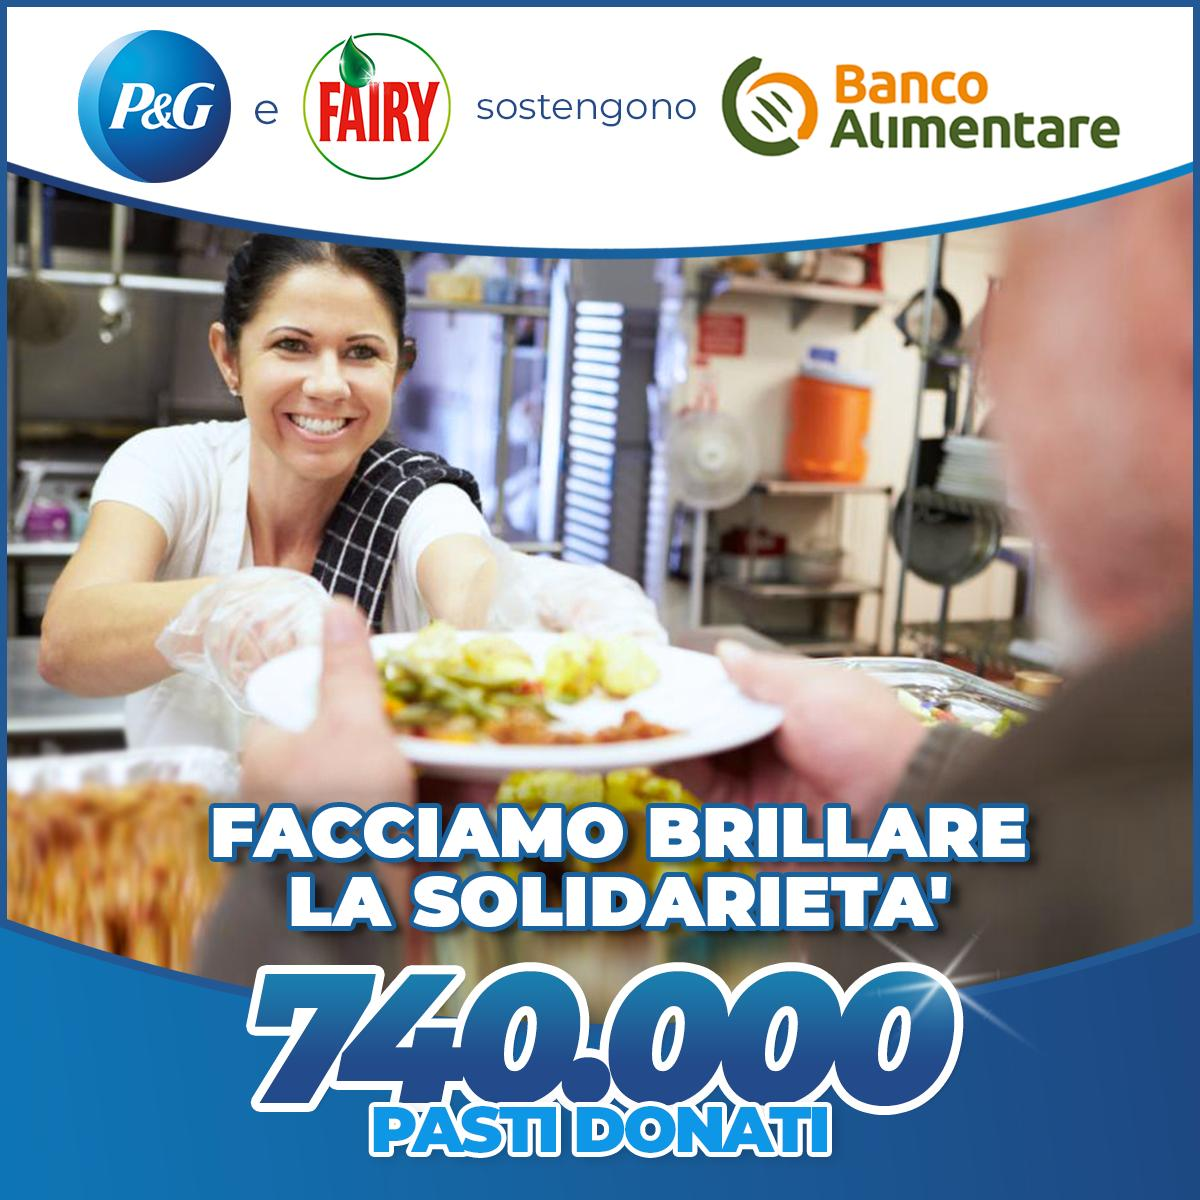 Fairy e P&G donano pasti al Banco Alimentare